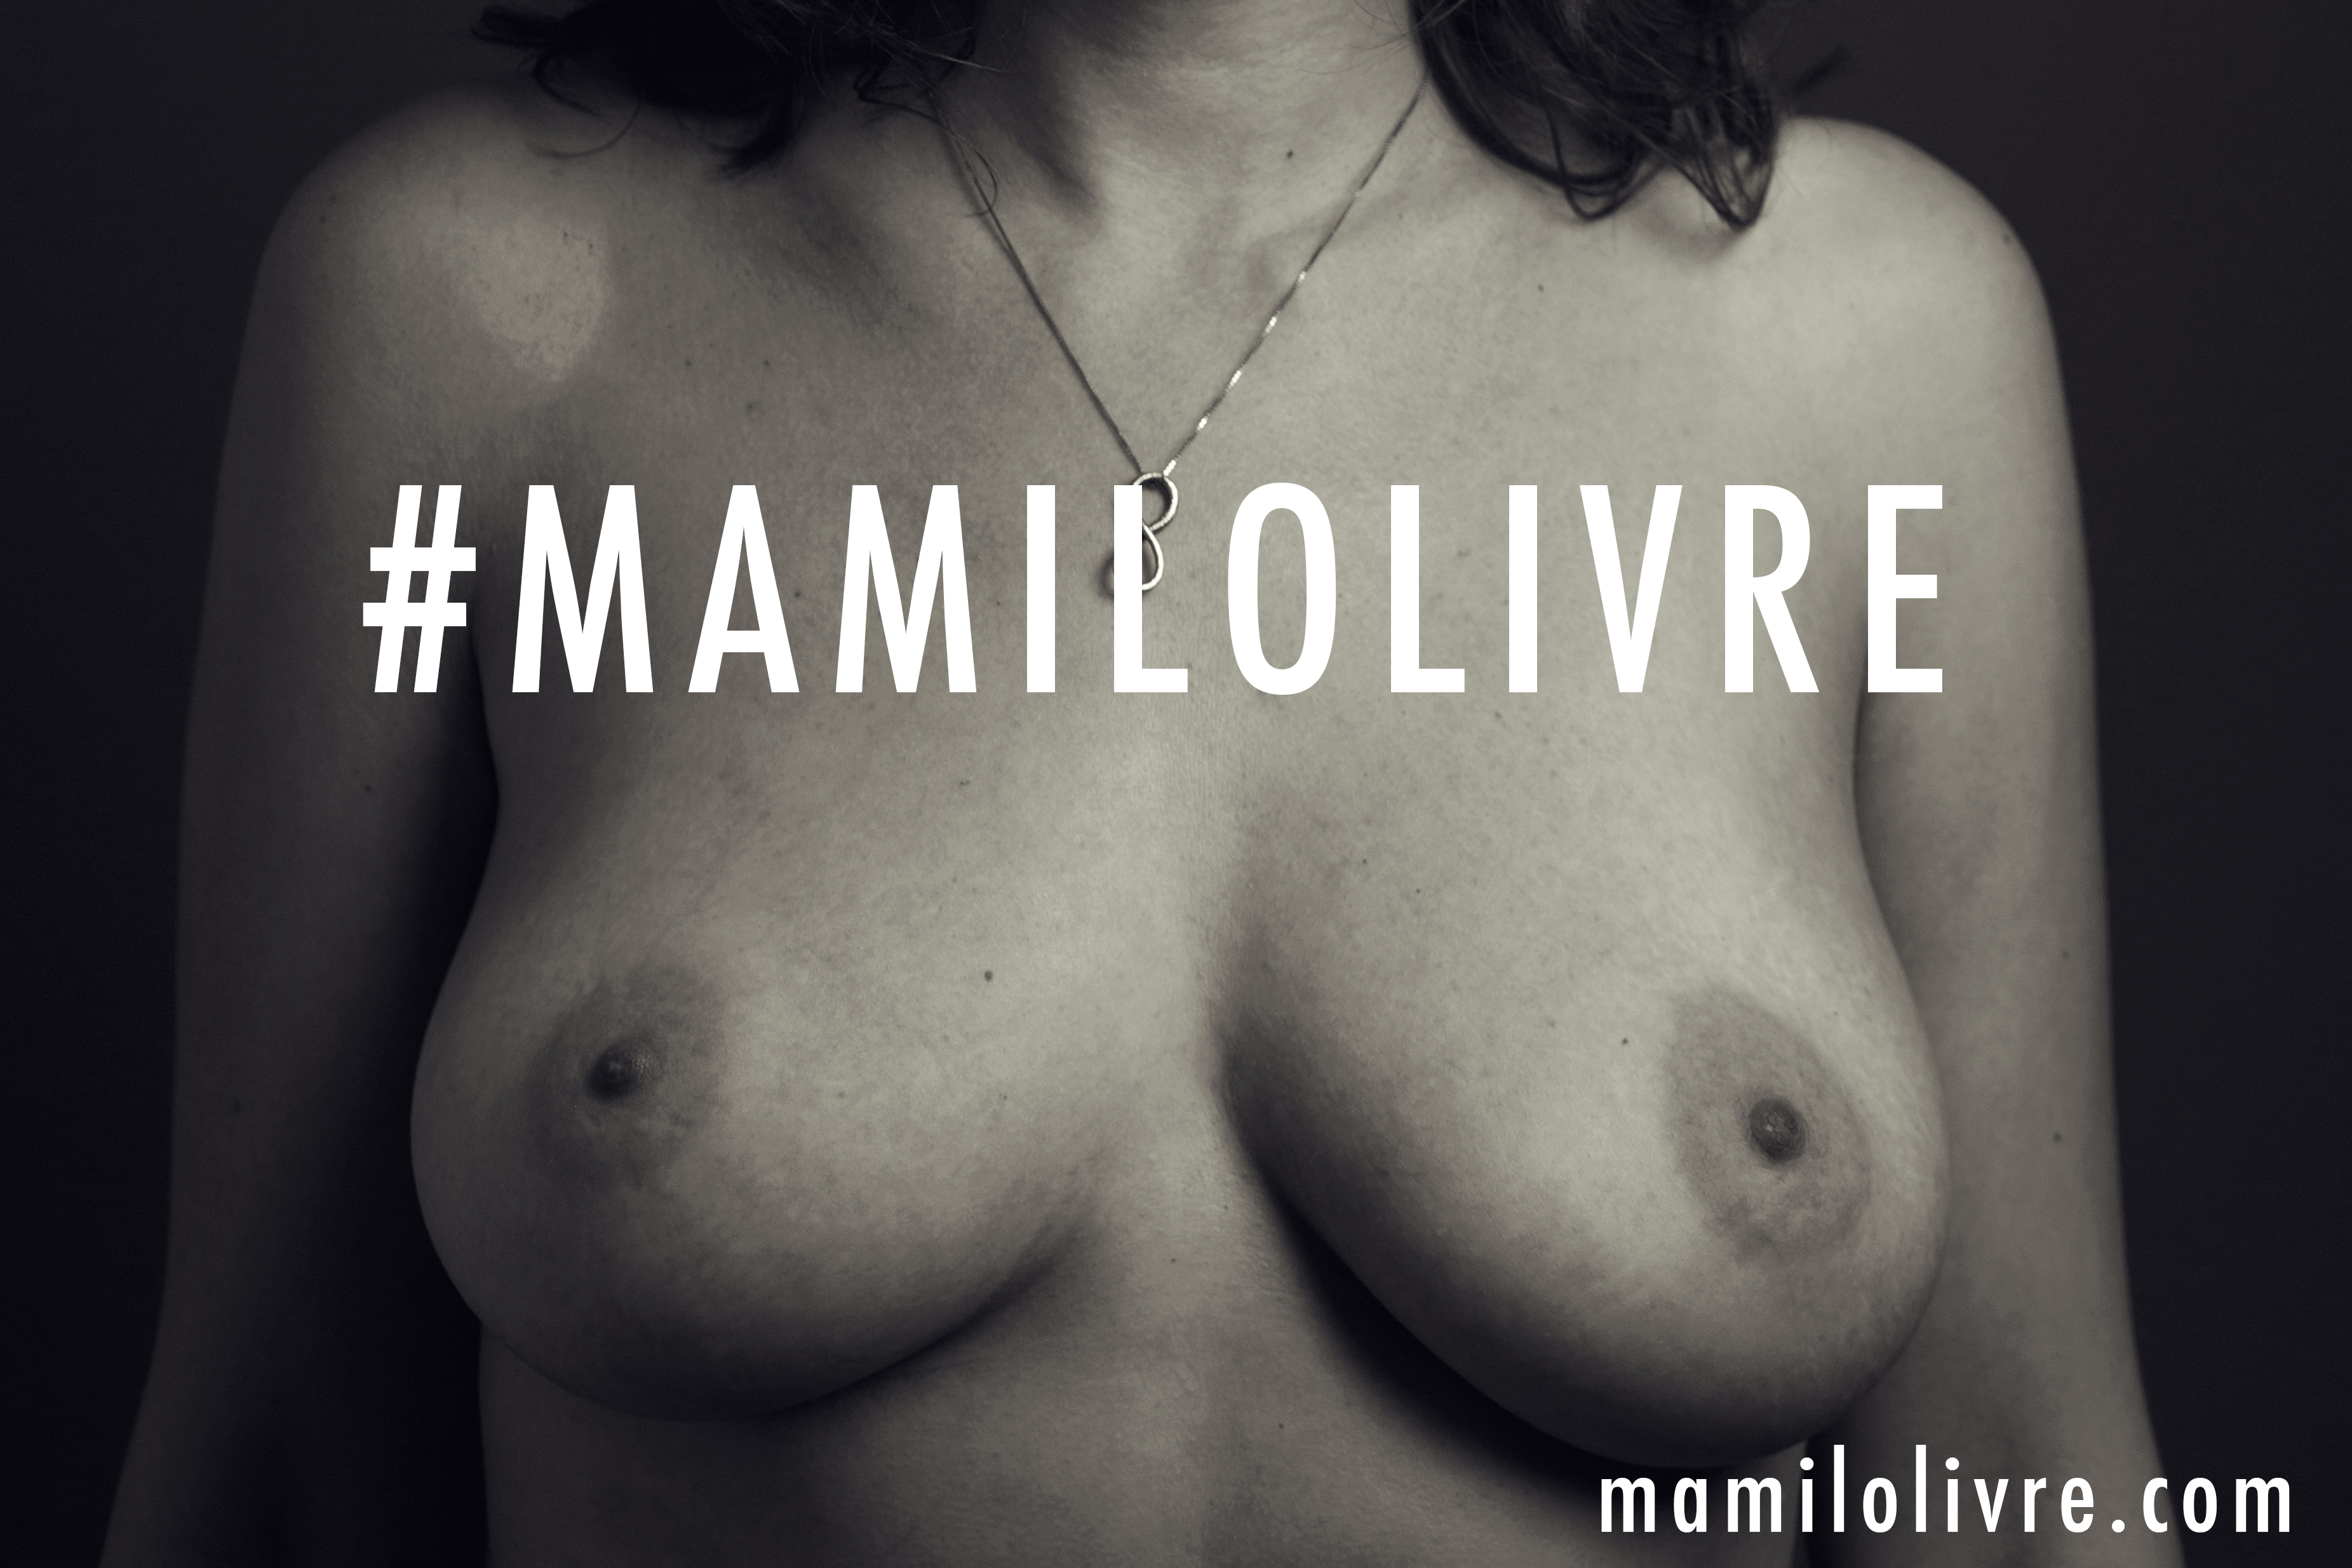 JFR_mamilolivre_08